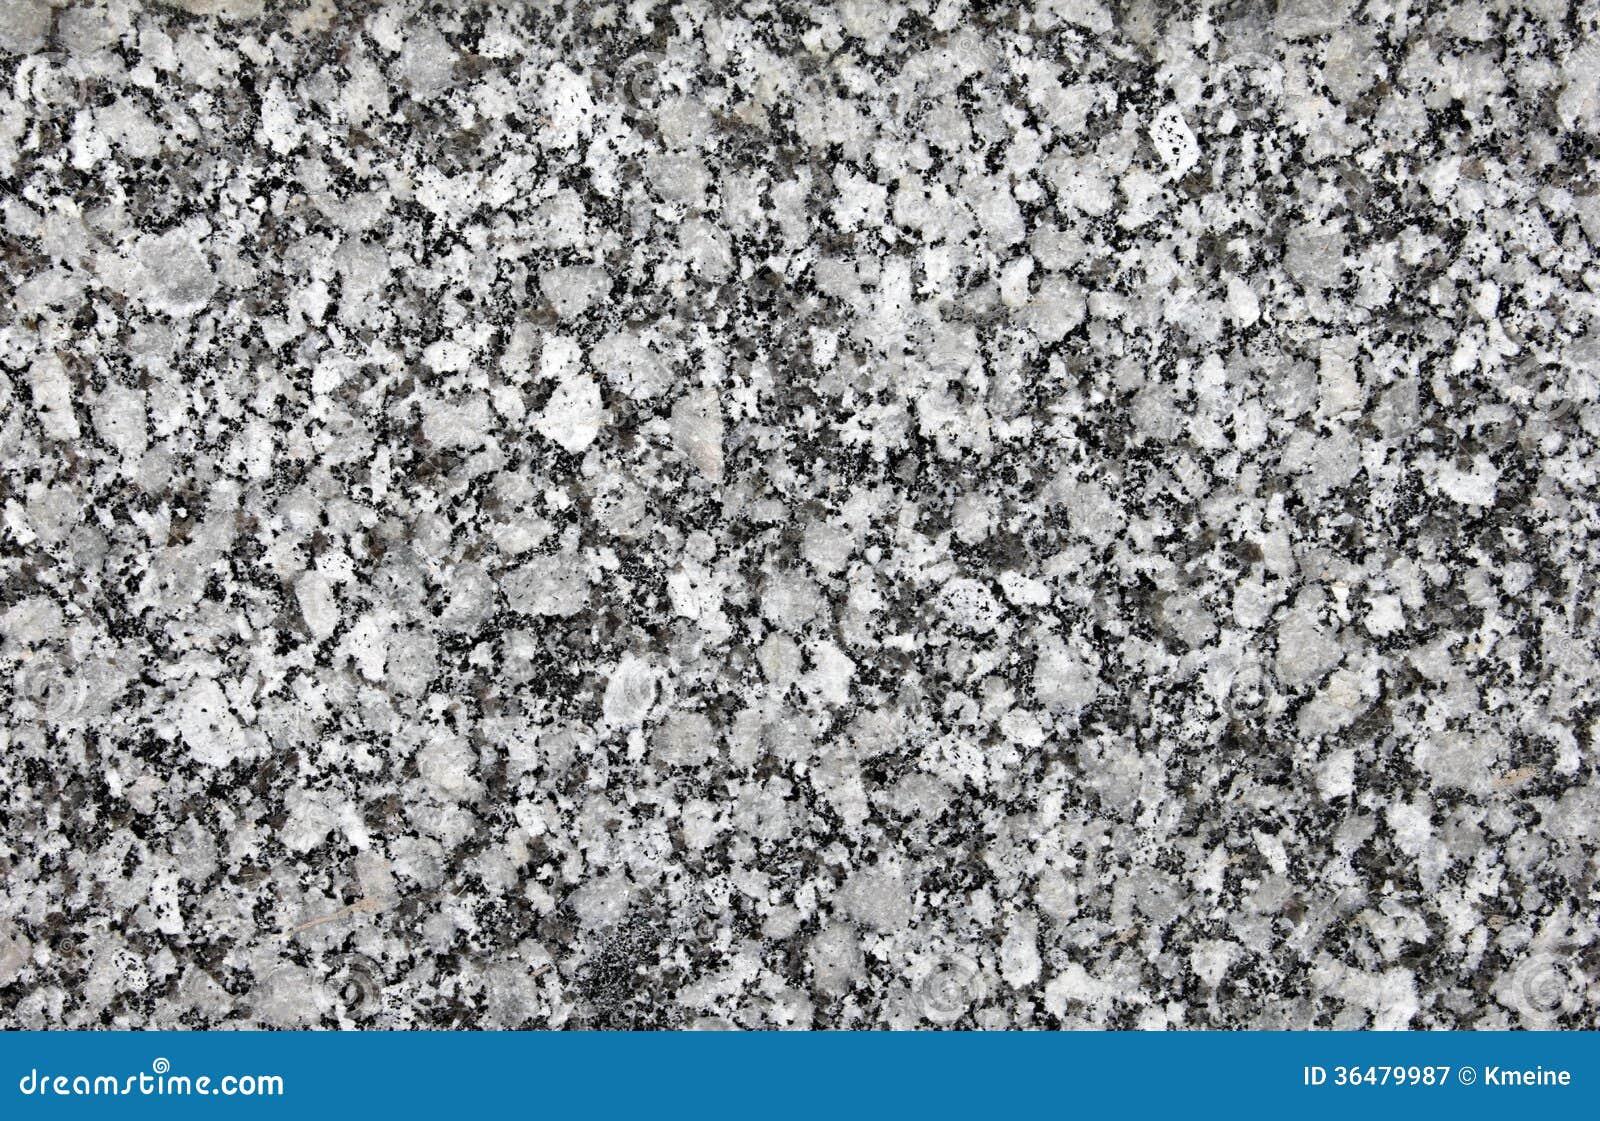 Black And White Granite : Black and white granite background stock image